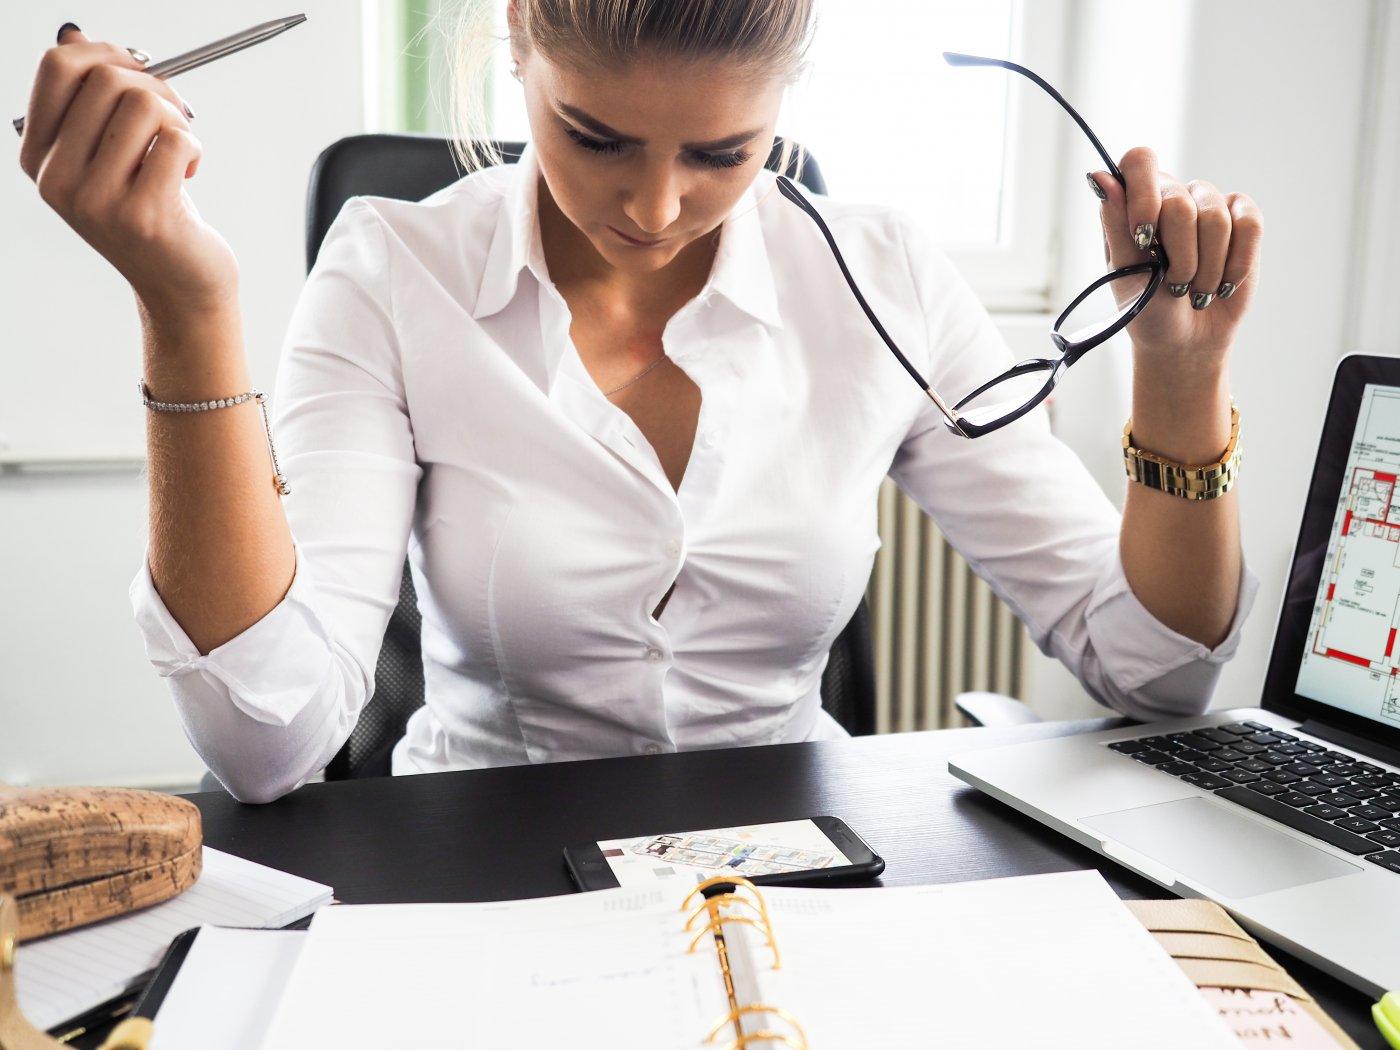 От бесправной женщины к офисной амазонке